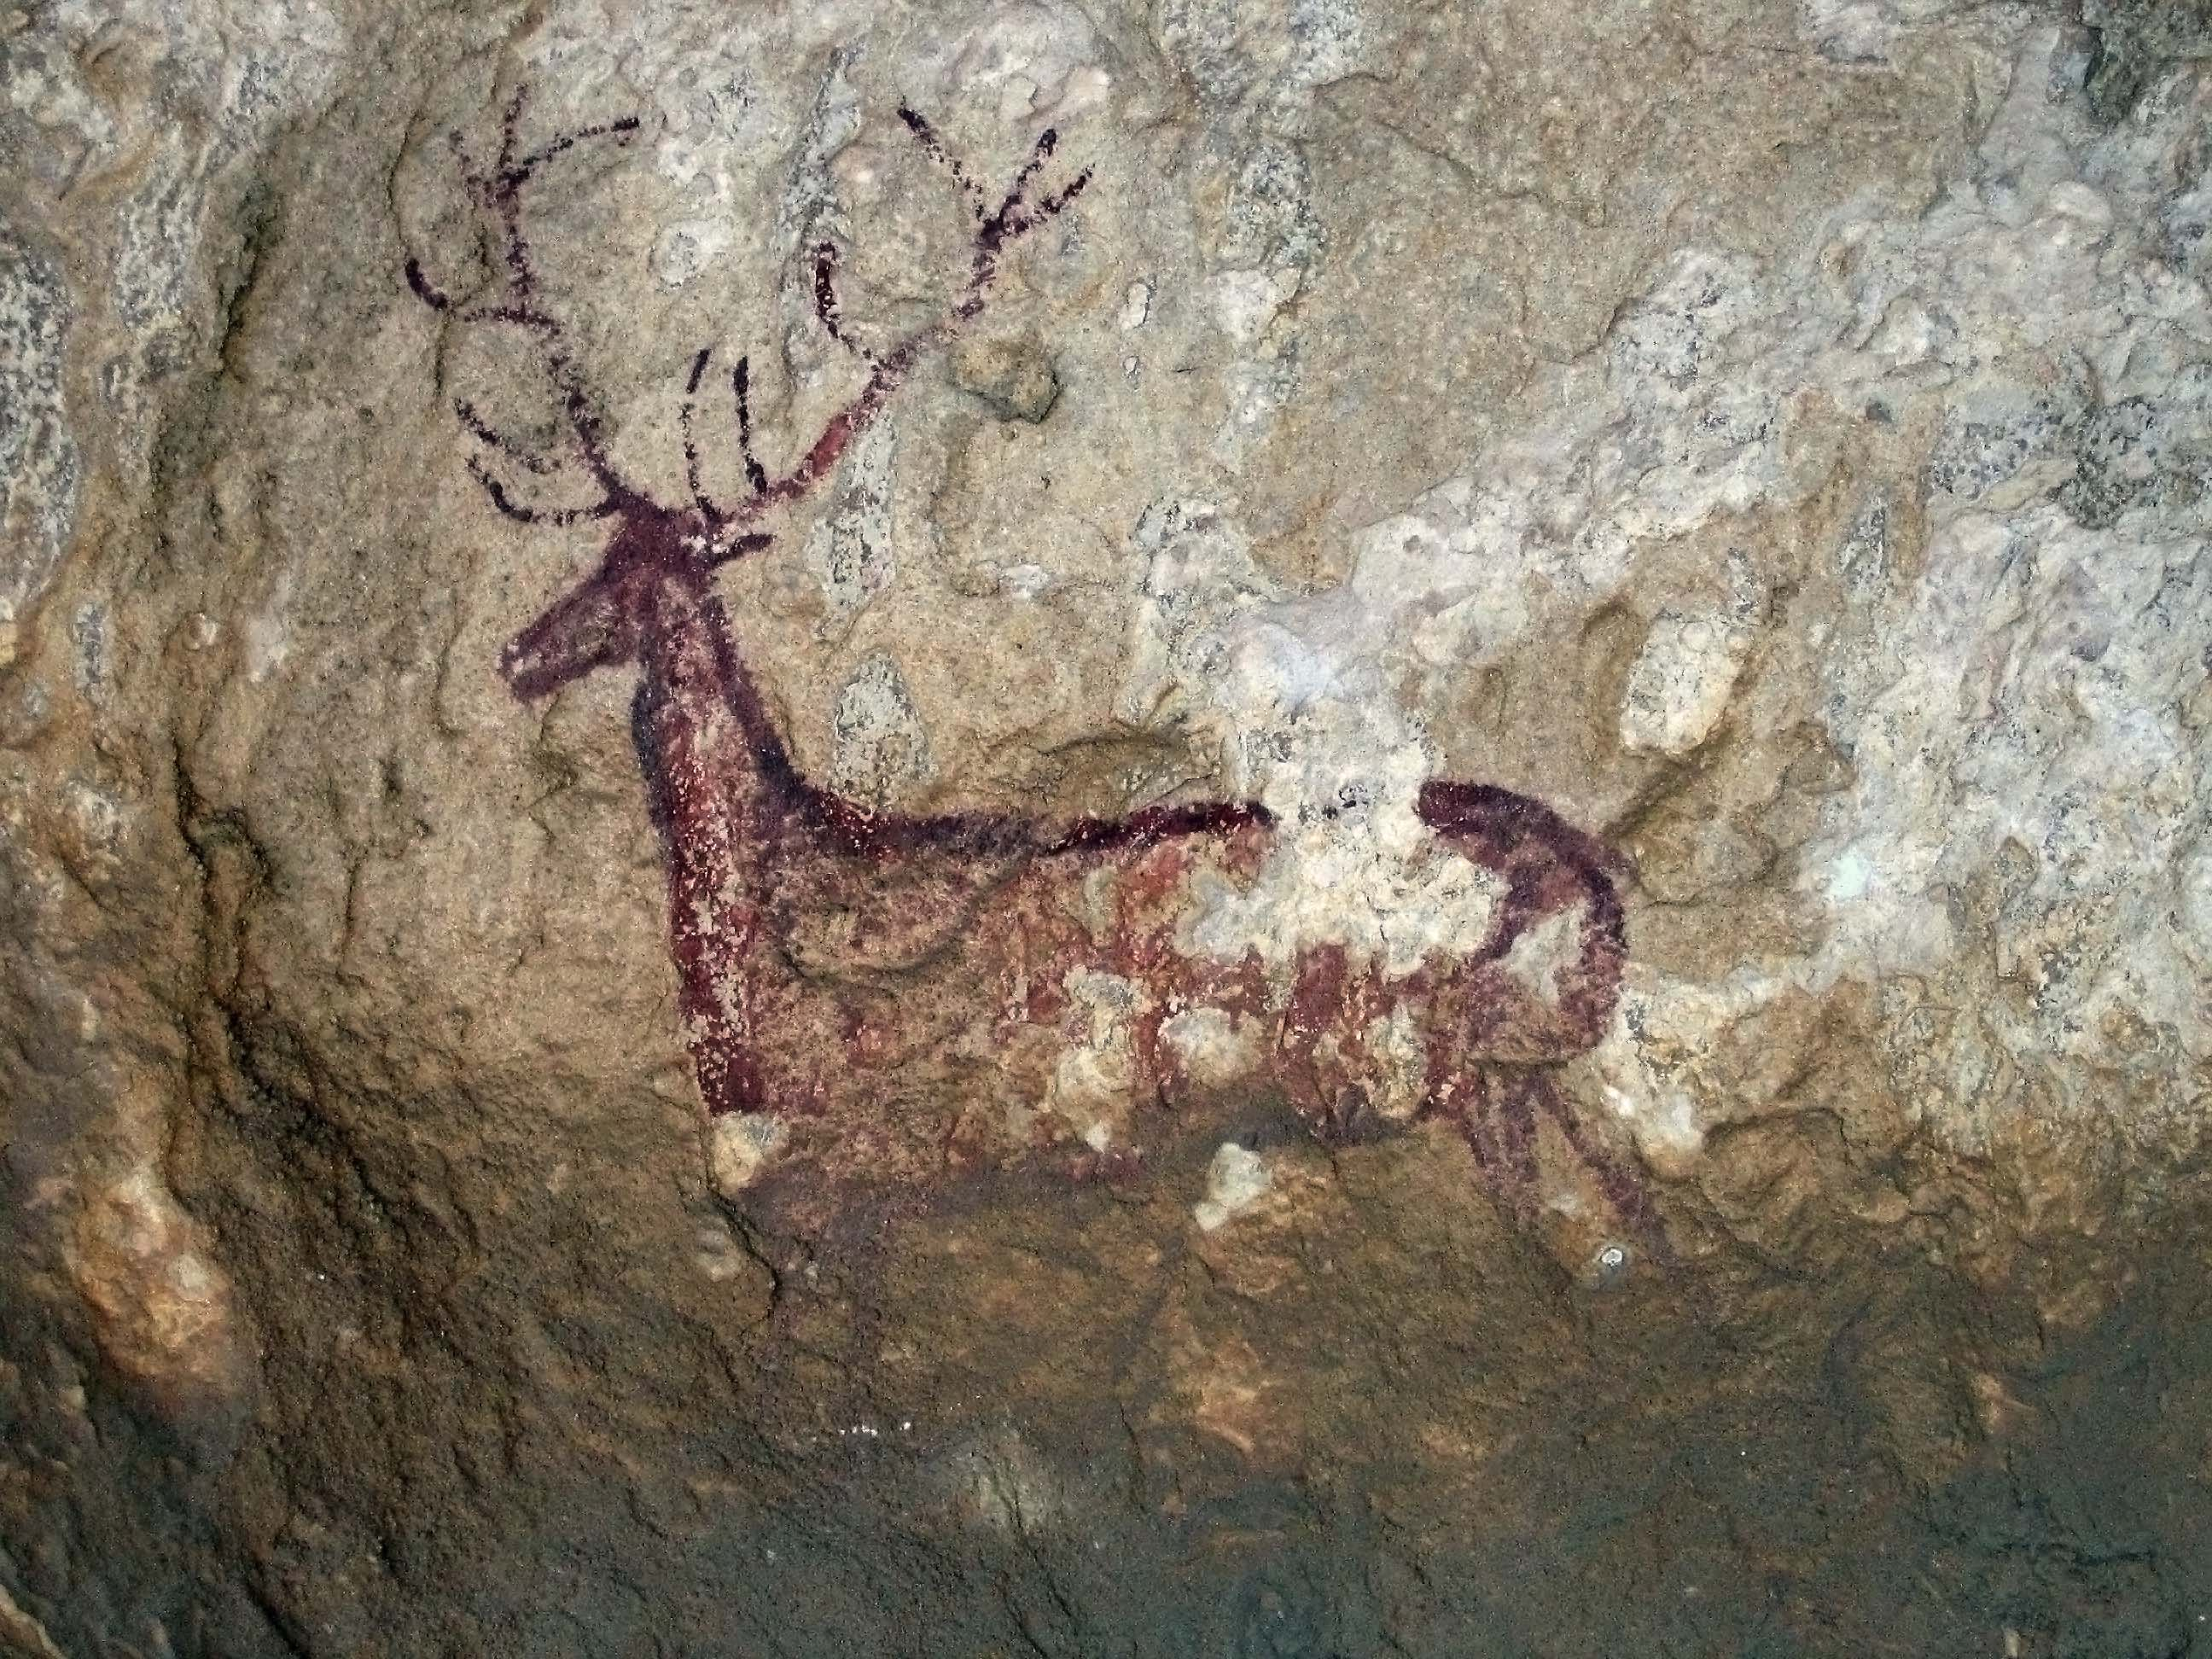 Pitture rupestri del bacino del Mediterraneo nella penisola iberica -  Wikipedia